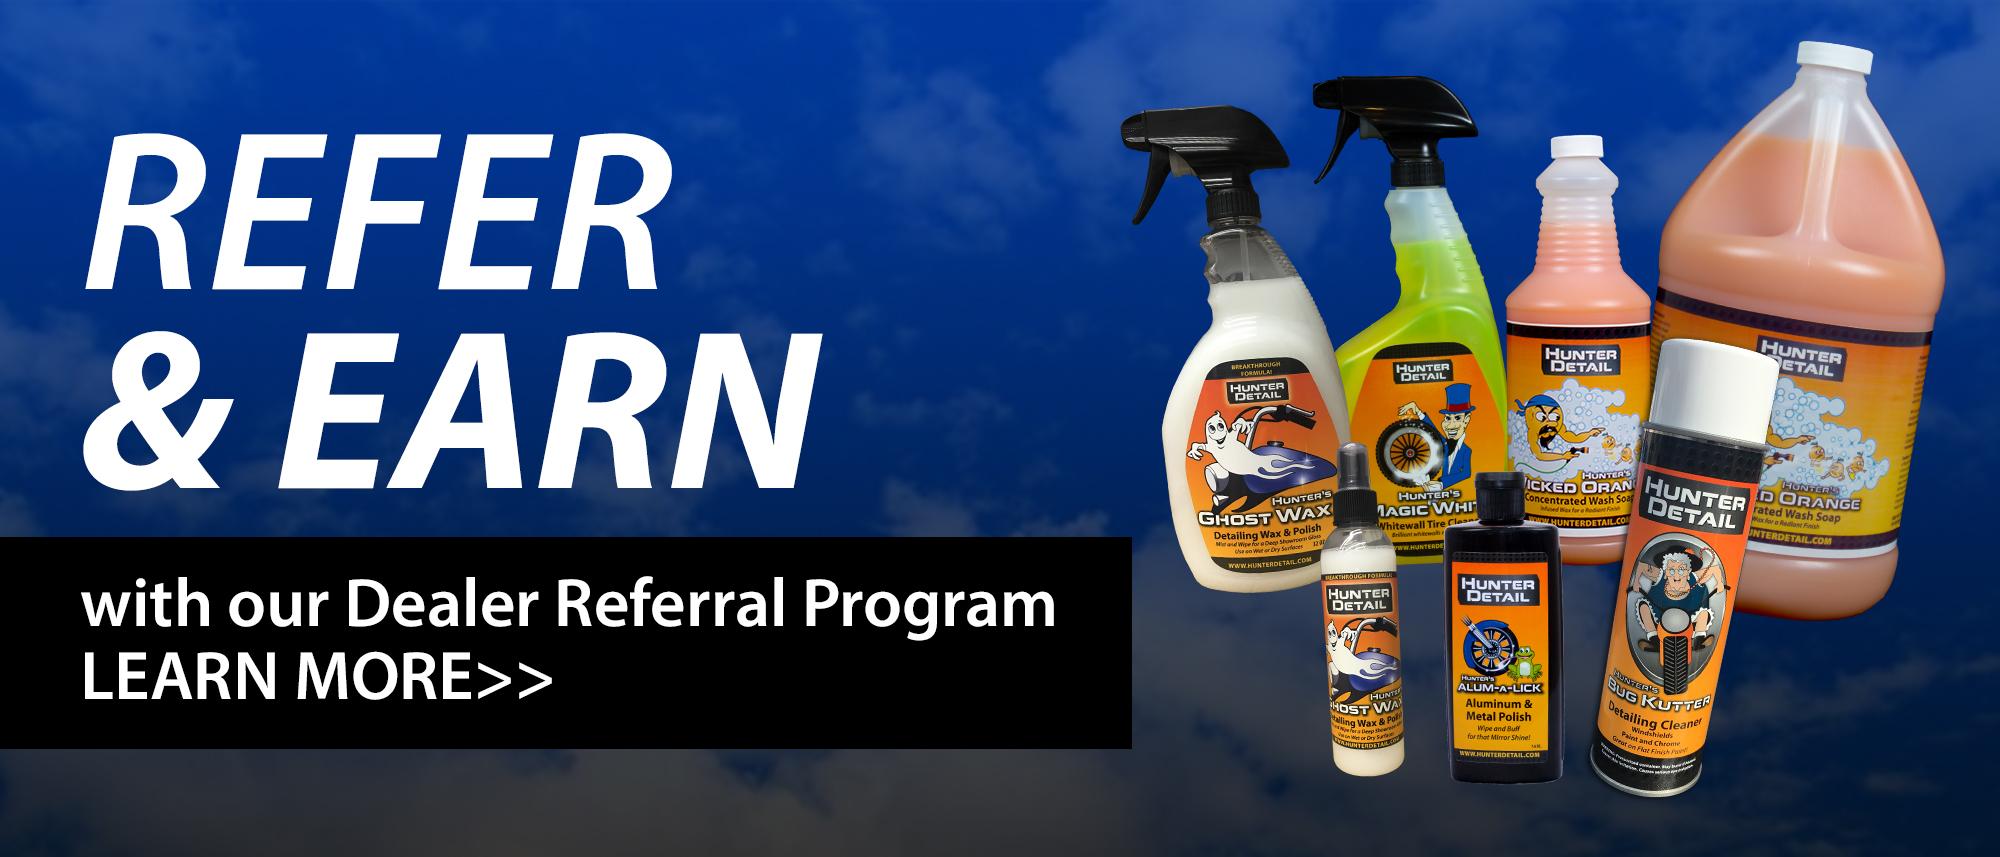 Hunter Detail Dealer Referral Program